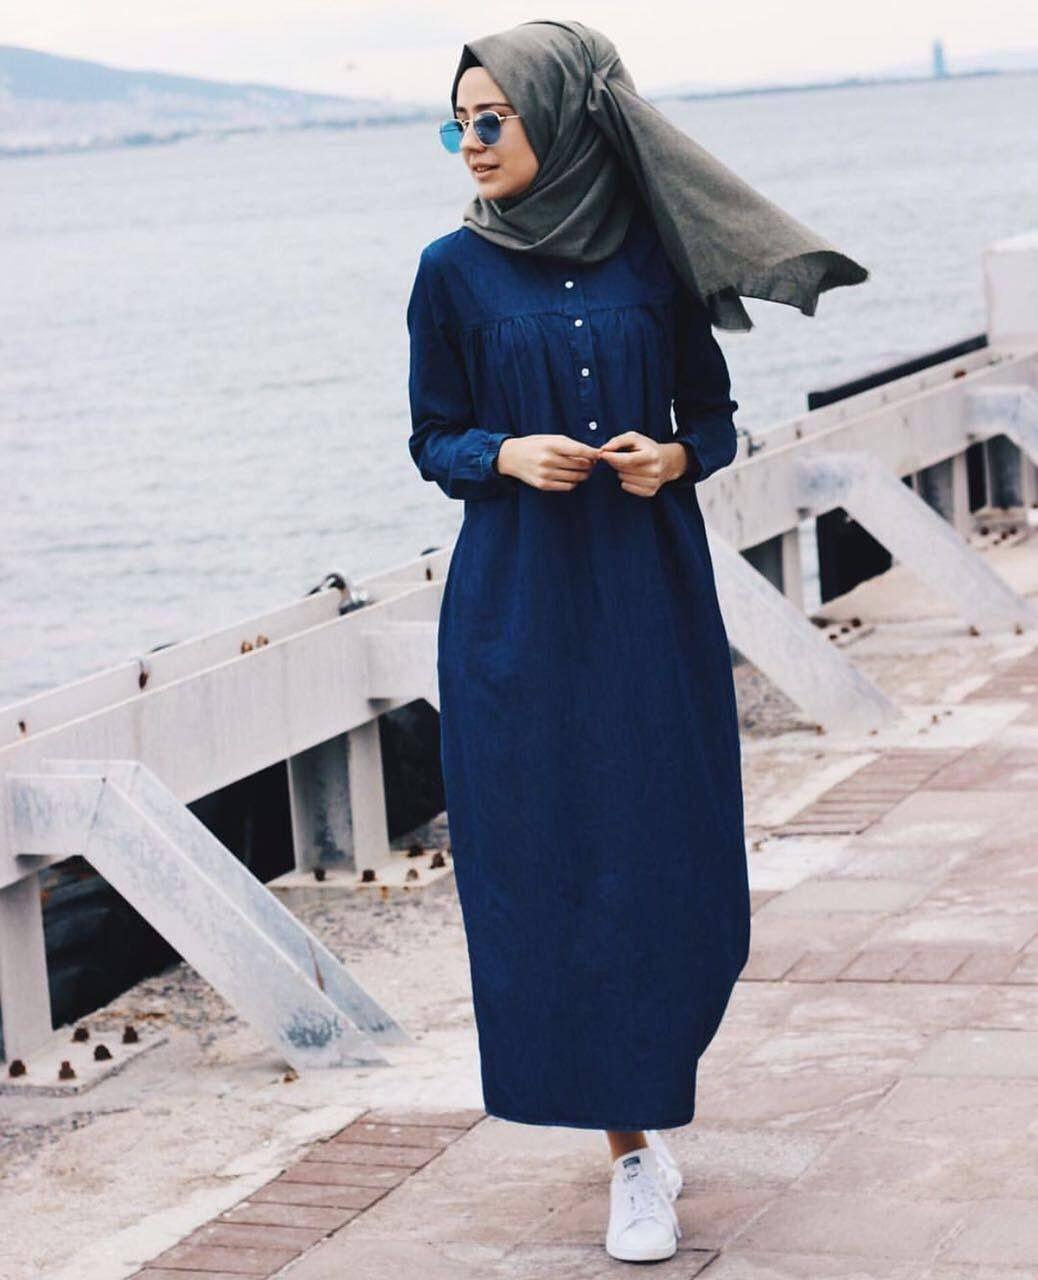 Hadi Bize Eyvallah Bekle Bizi Yalova Yolculukbaslasin Hijab